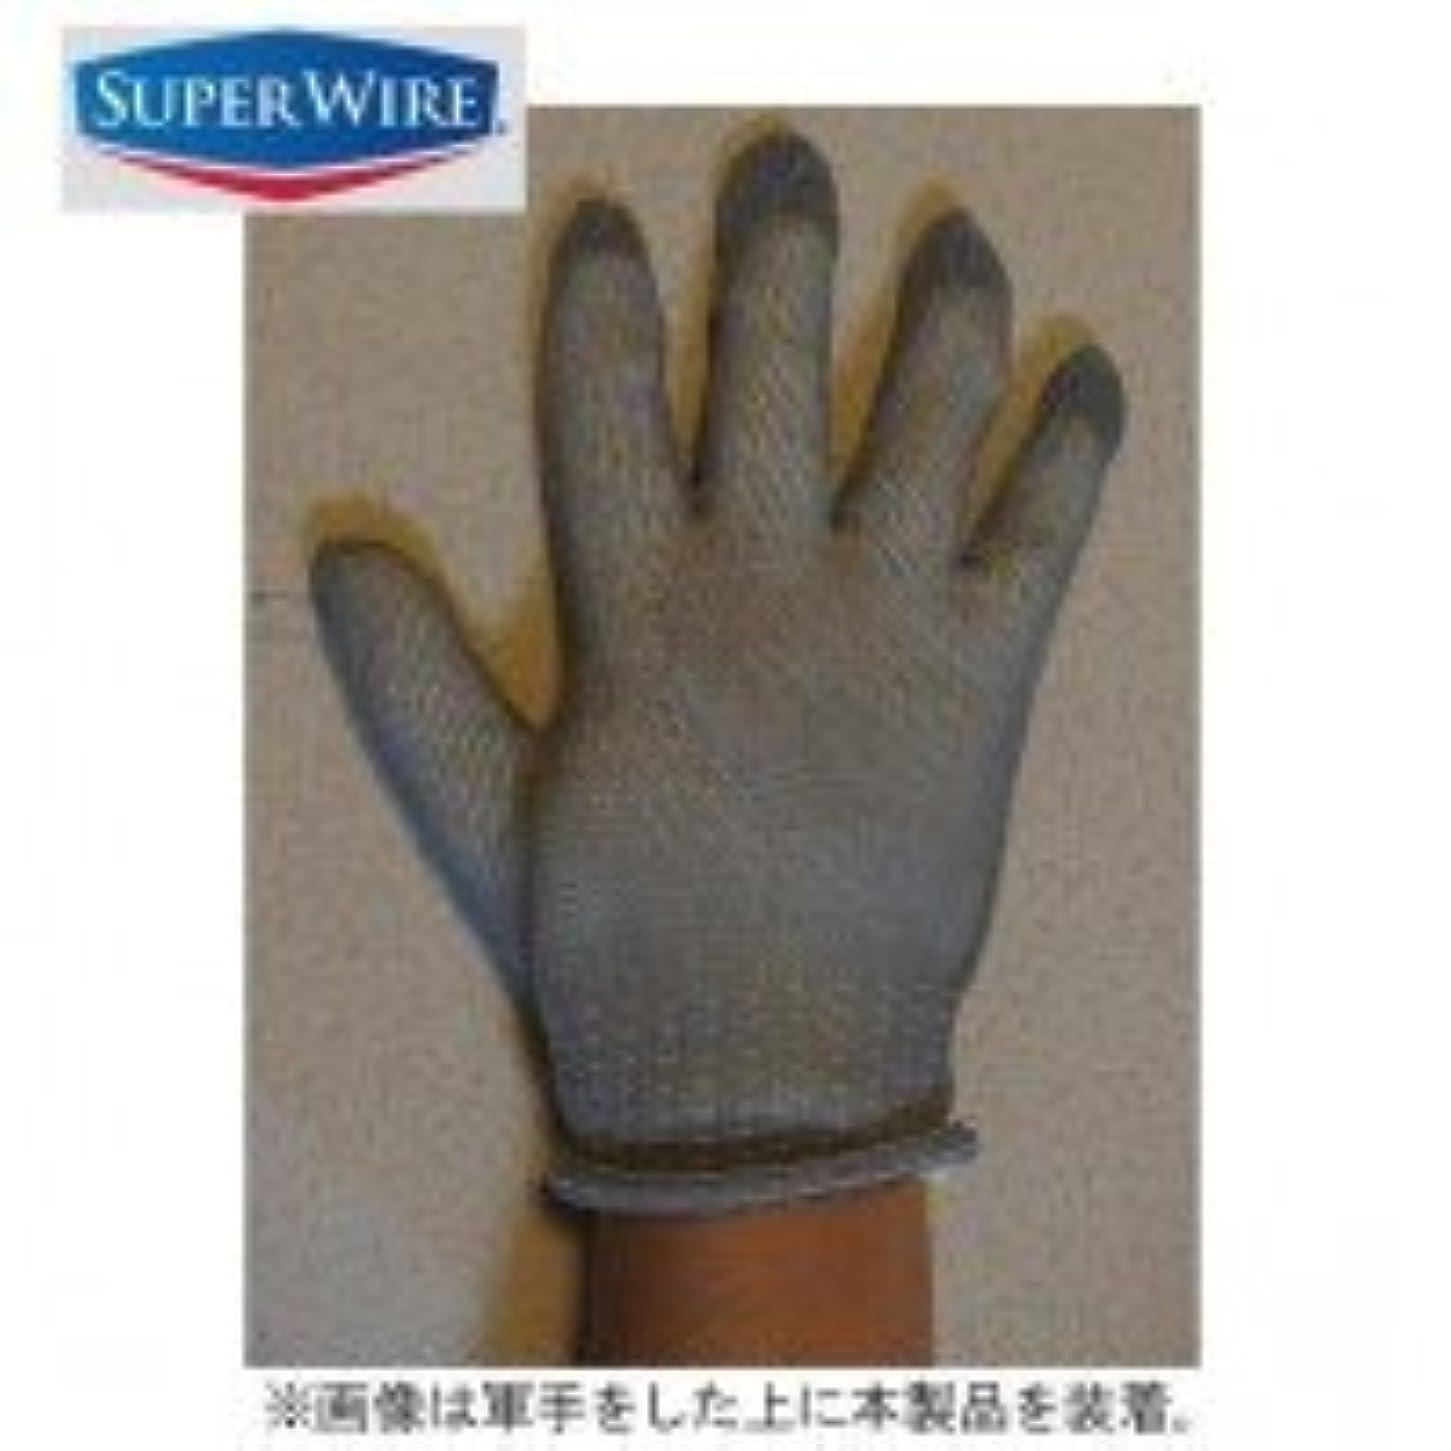 引退した速報栄光網状手袋 スーパーワイヤー(片手のみ?左右兼用) エクストラタイプ JHSW-2302